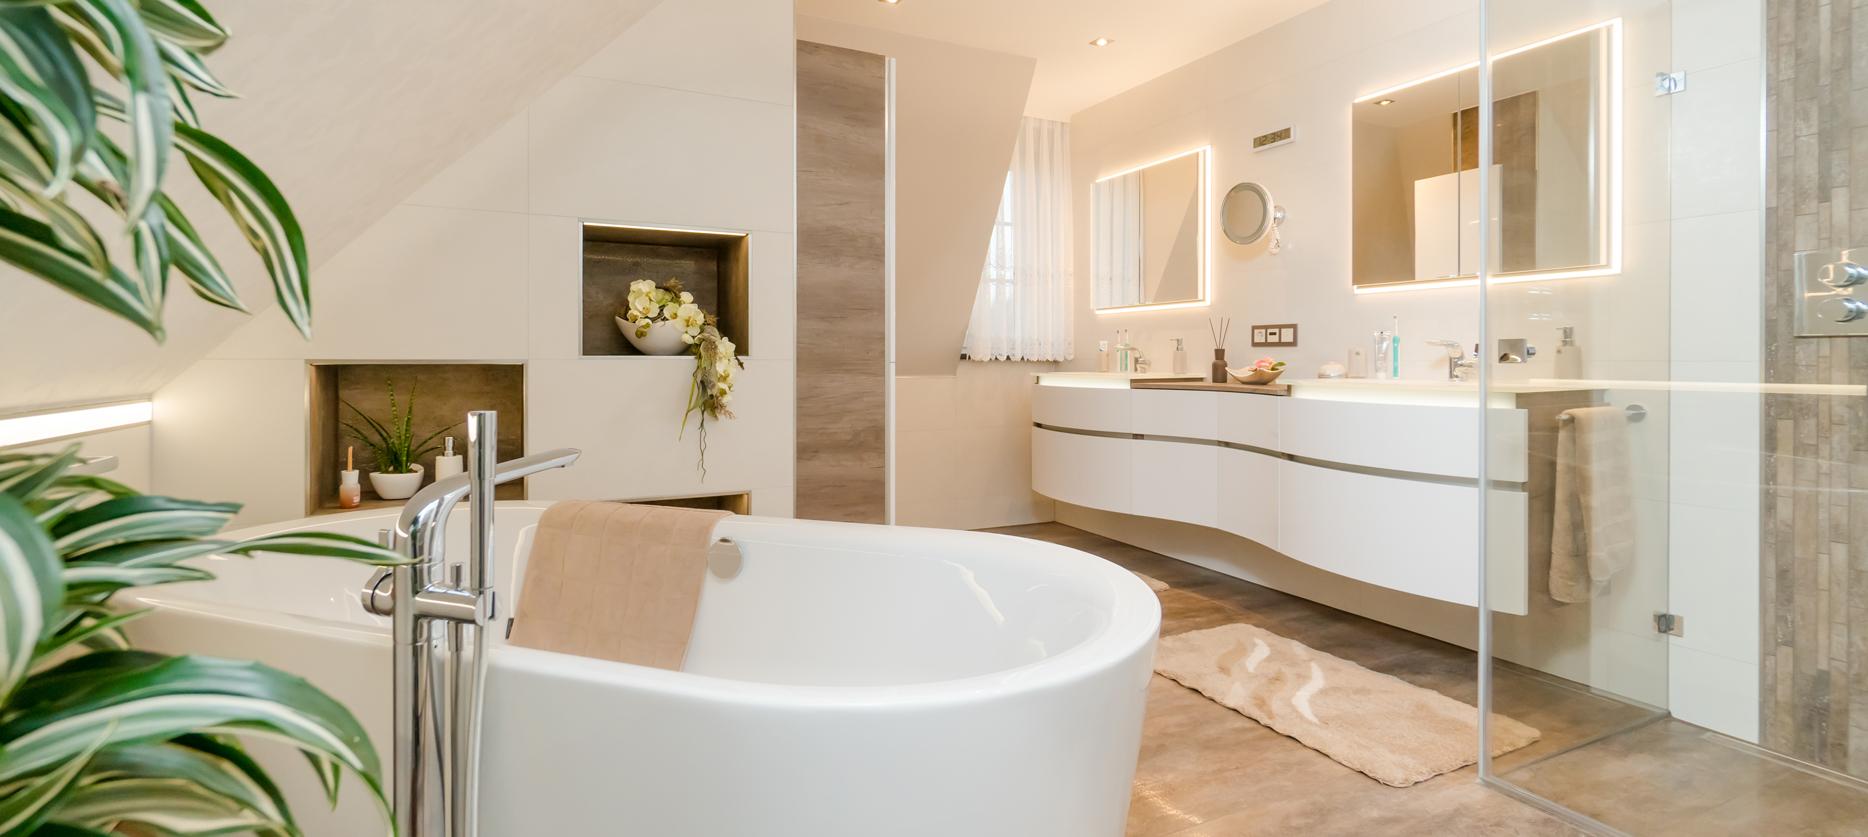 Badezimmer mit indirekter Beleuchtung, Pflanzen und viel Holz